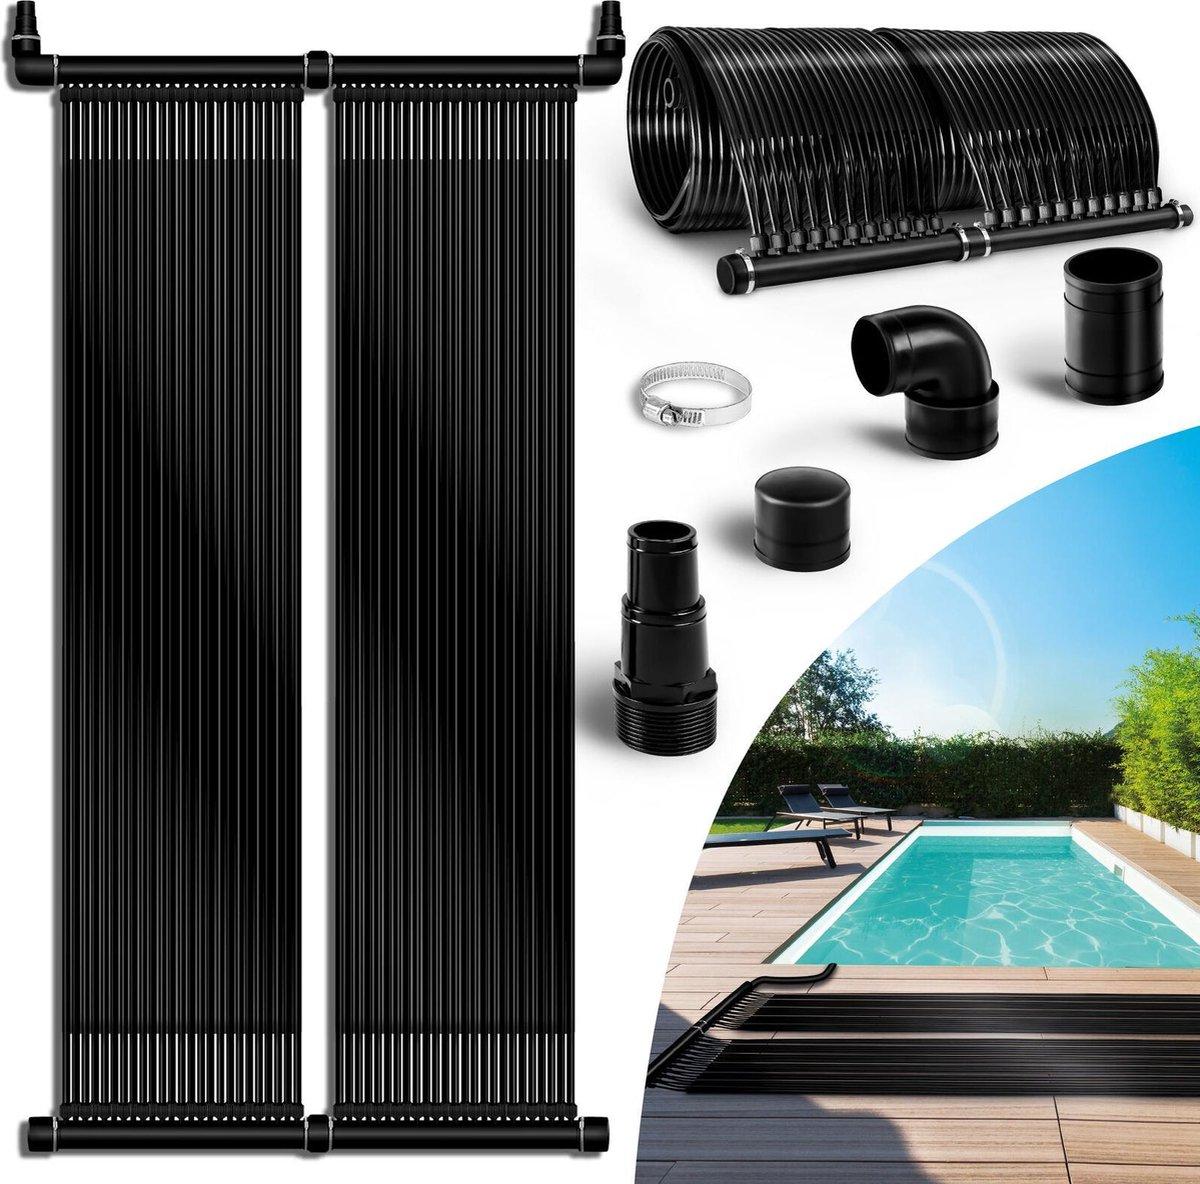 Sens Design zwembadverwarming solar - zonneverwarming voor zwembad - 76 x 480cm